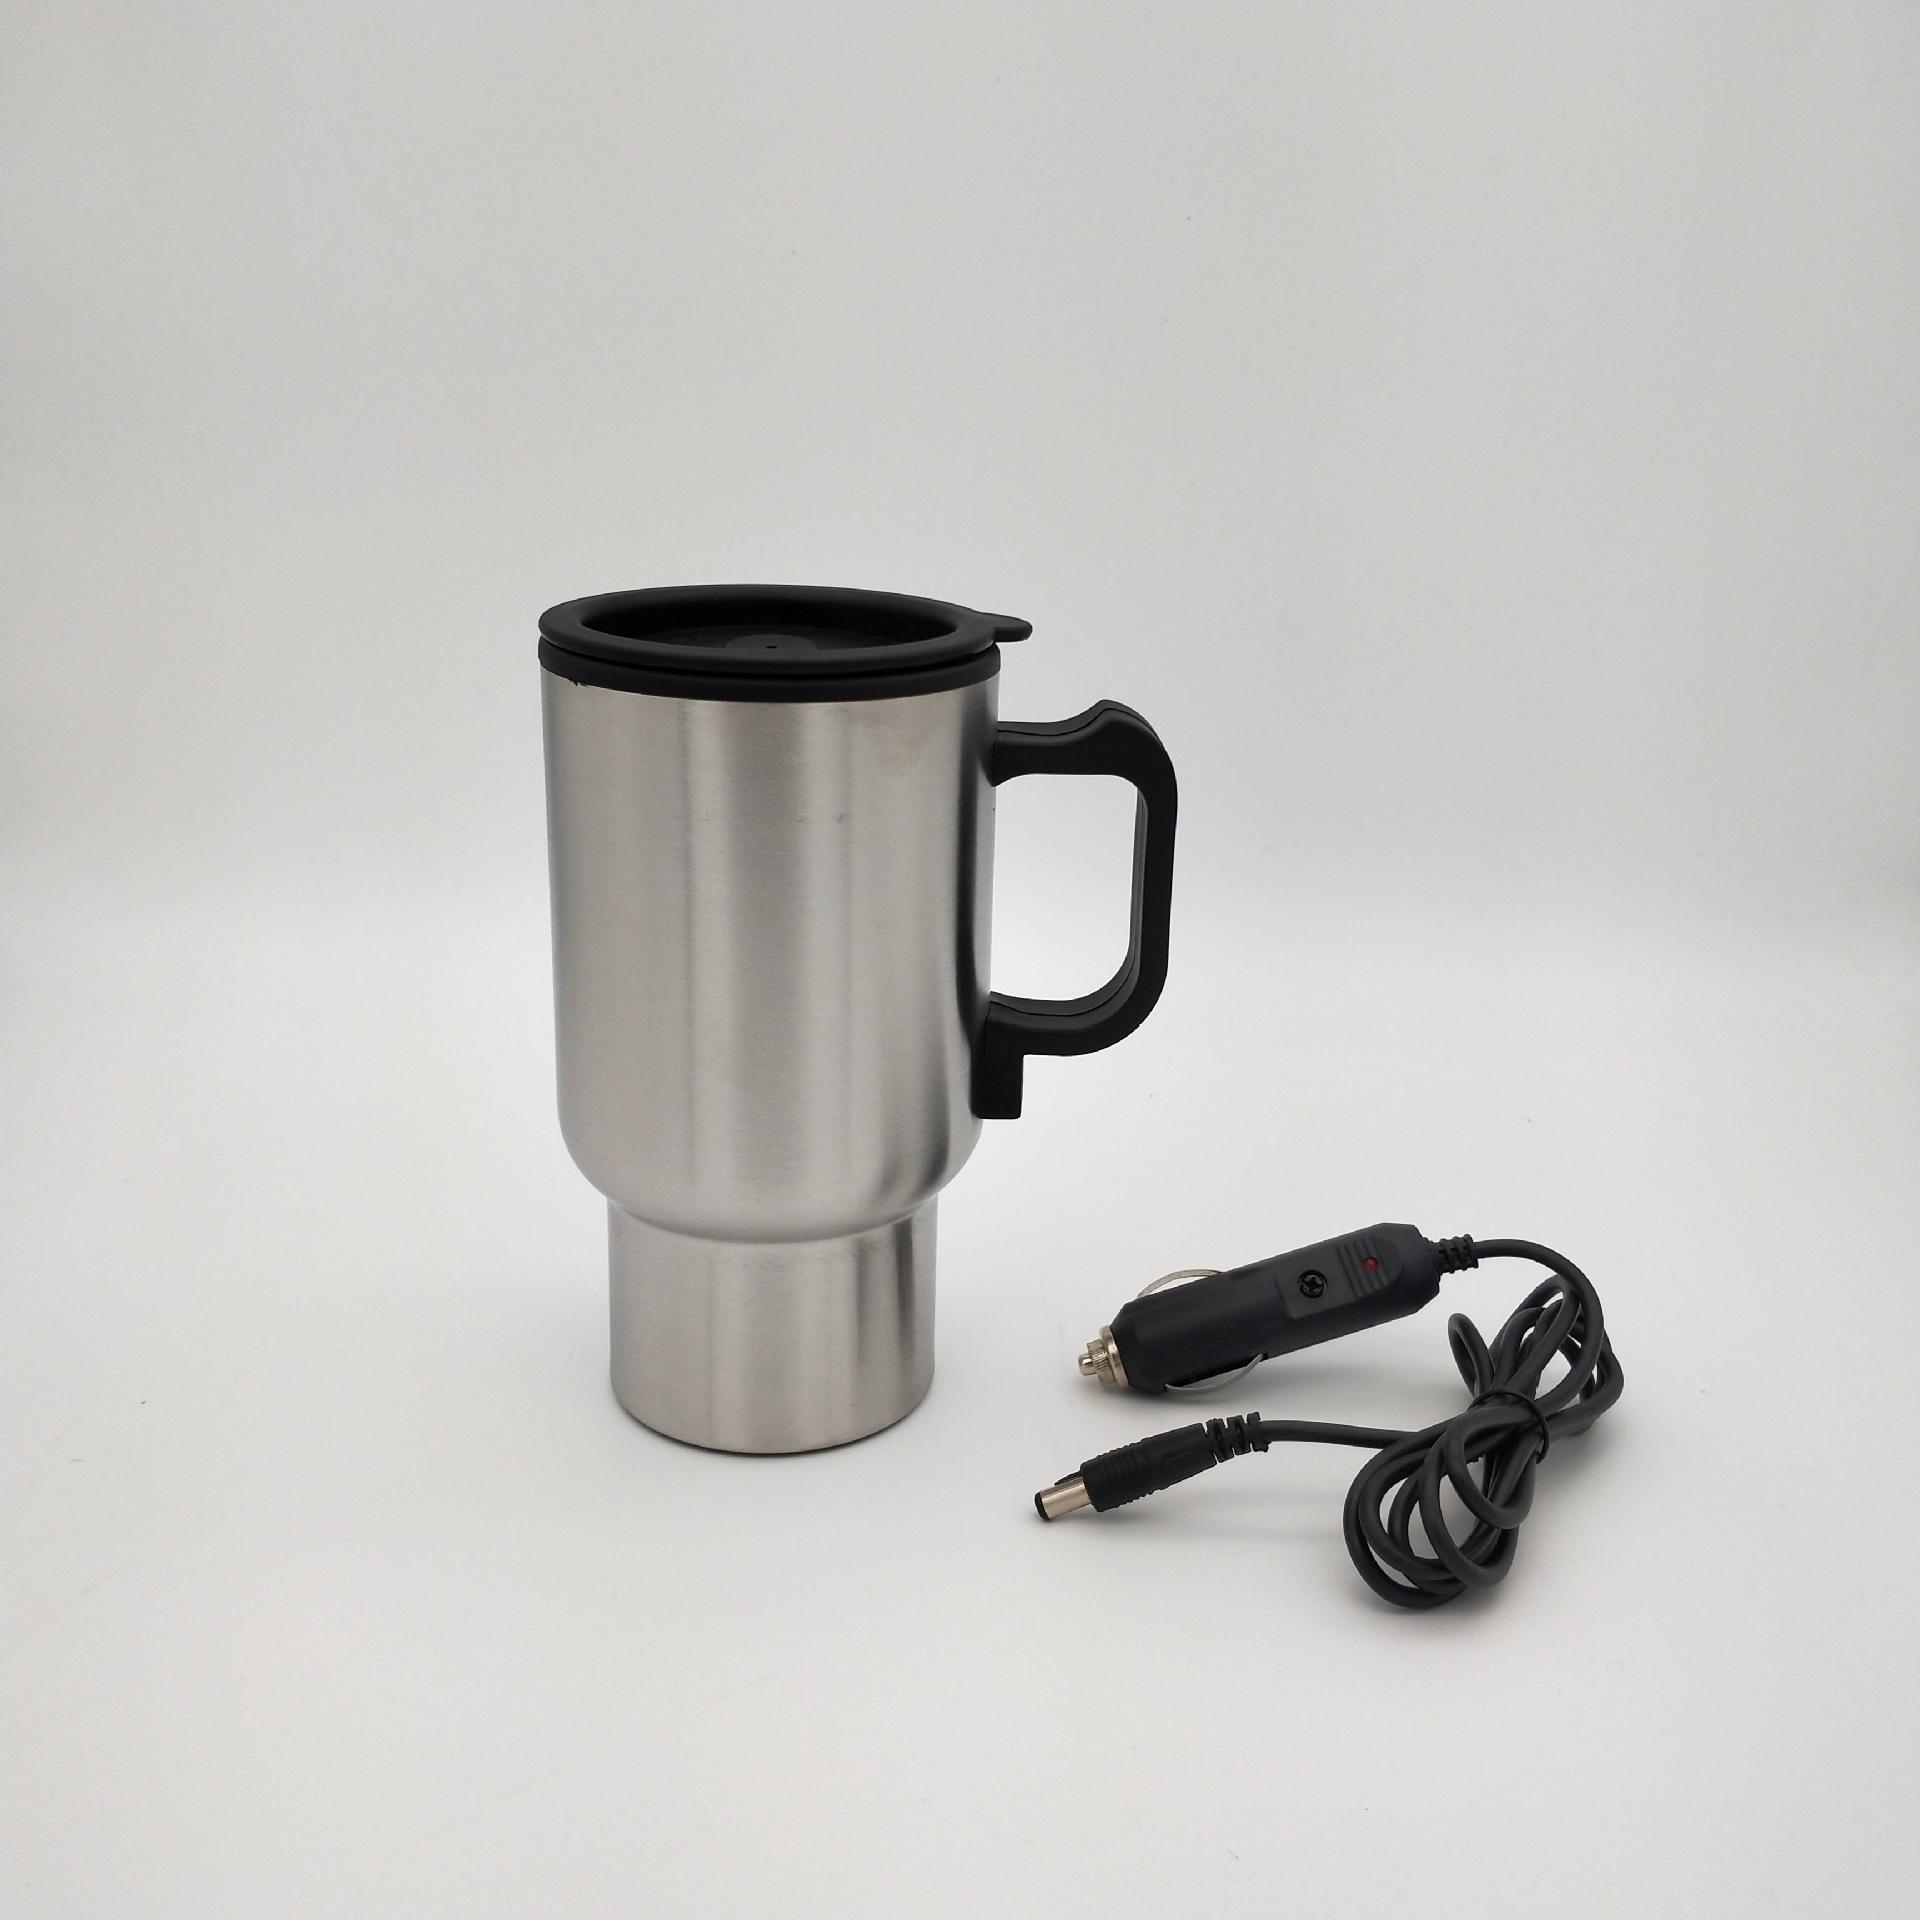 汽车杯电热水杯12V车用保温杯不锈钢电热烧水杯旅行车载加热杯子电热杯